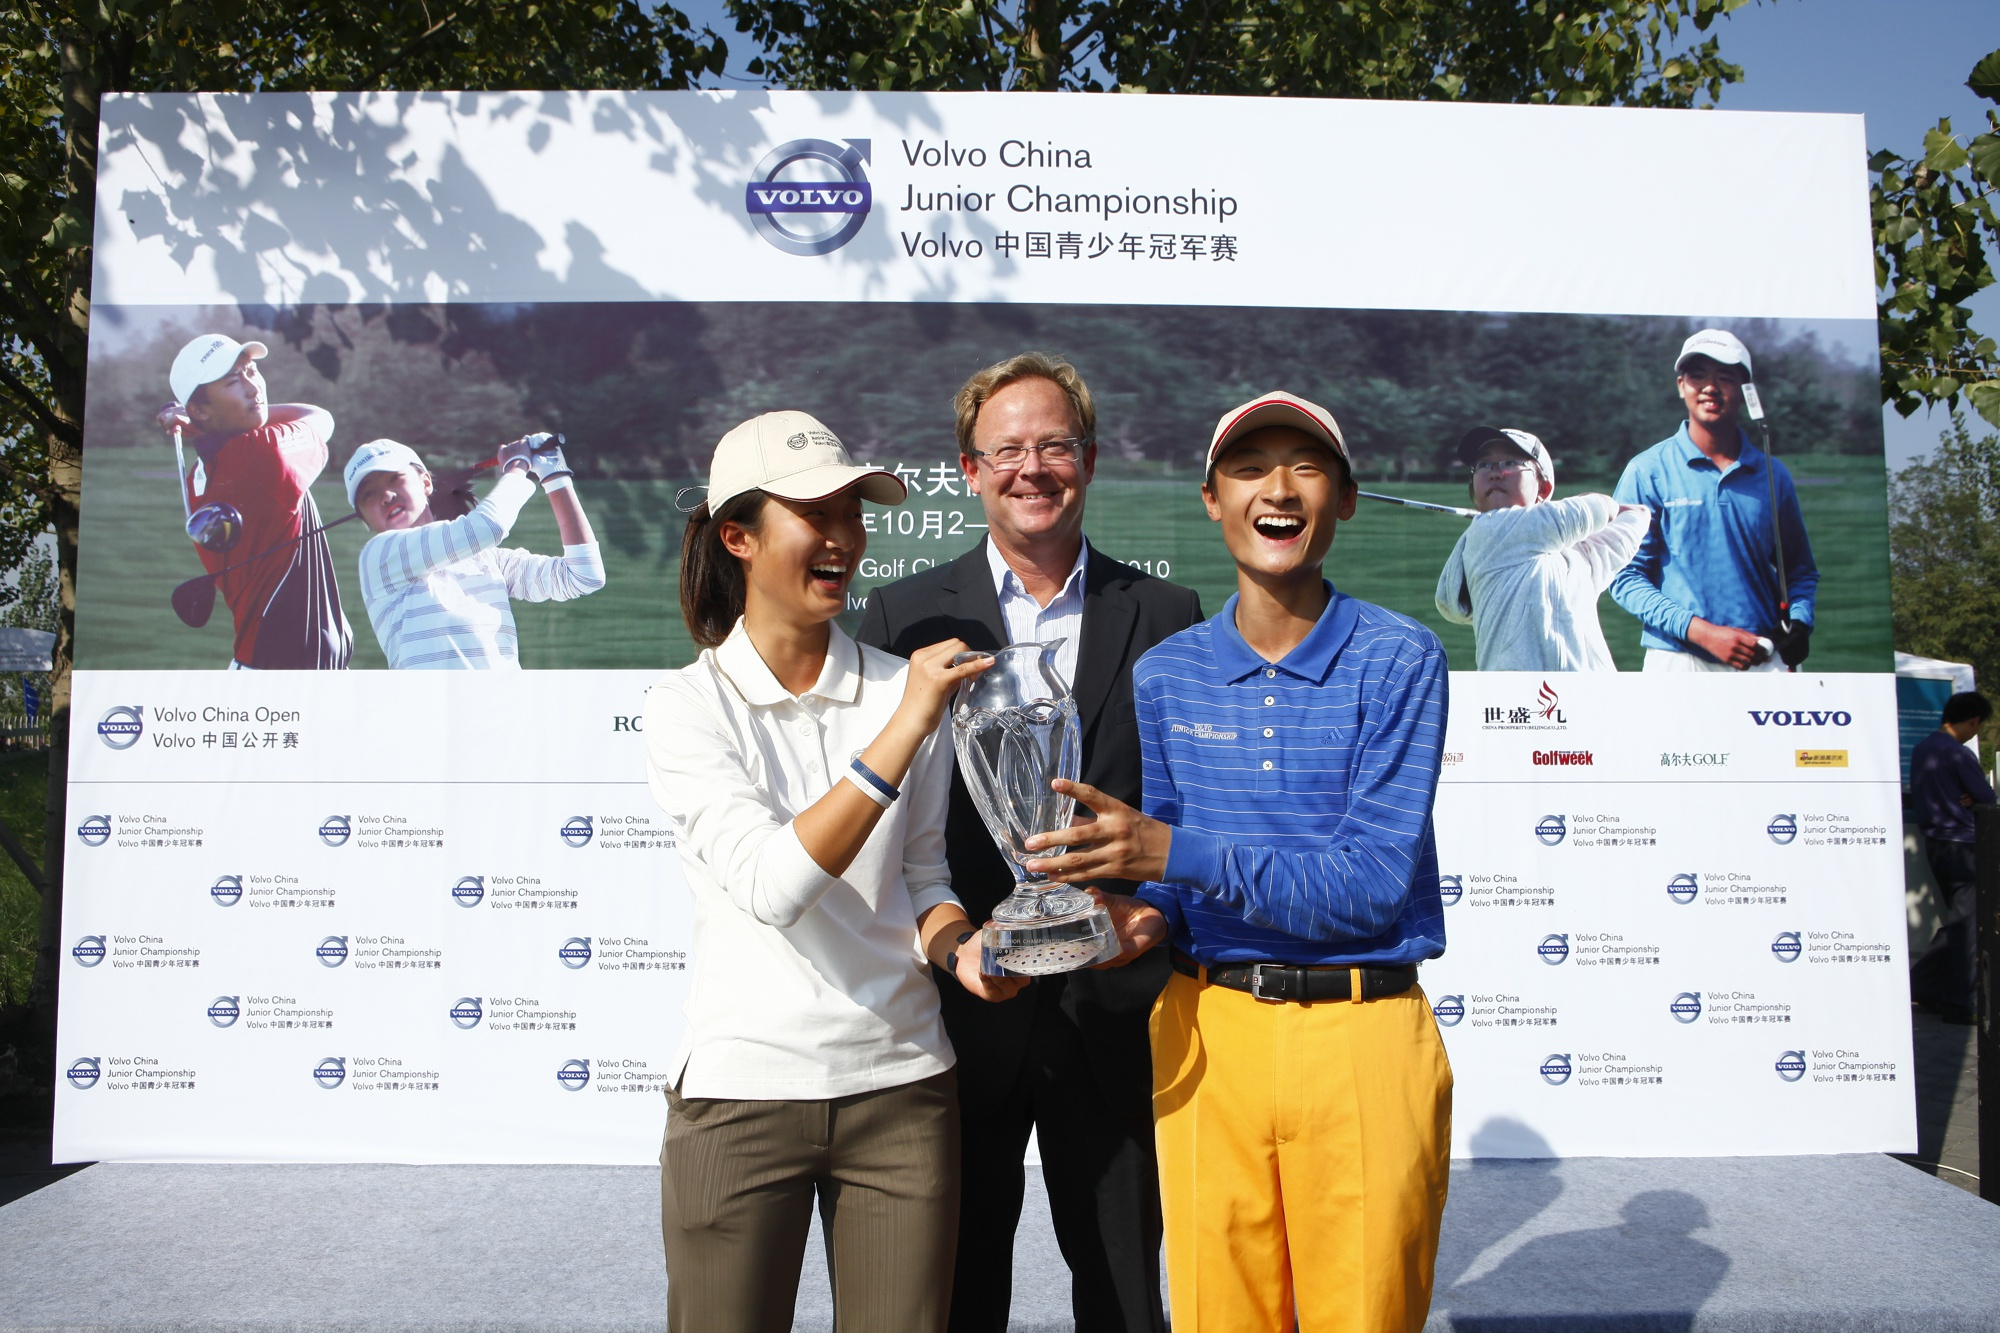 老照片:李昊桐、刘钰分获2010沃尔沃青少年冠军赛男A、女A冠军